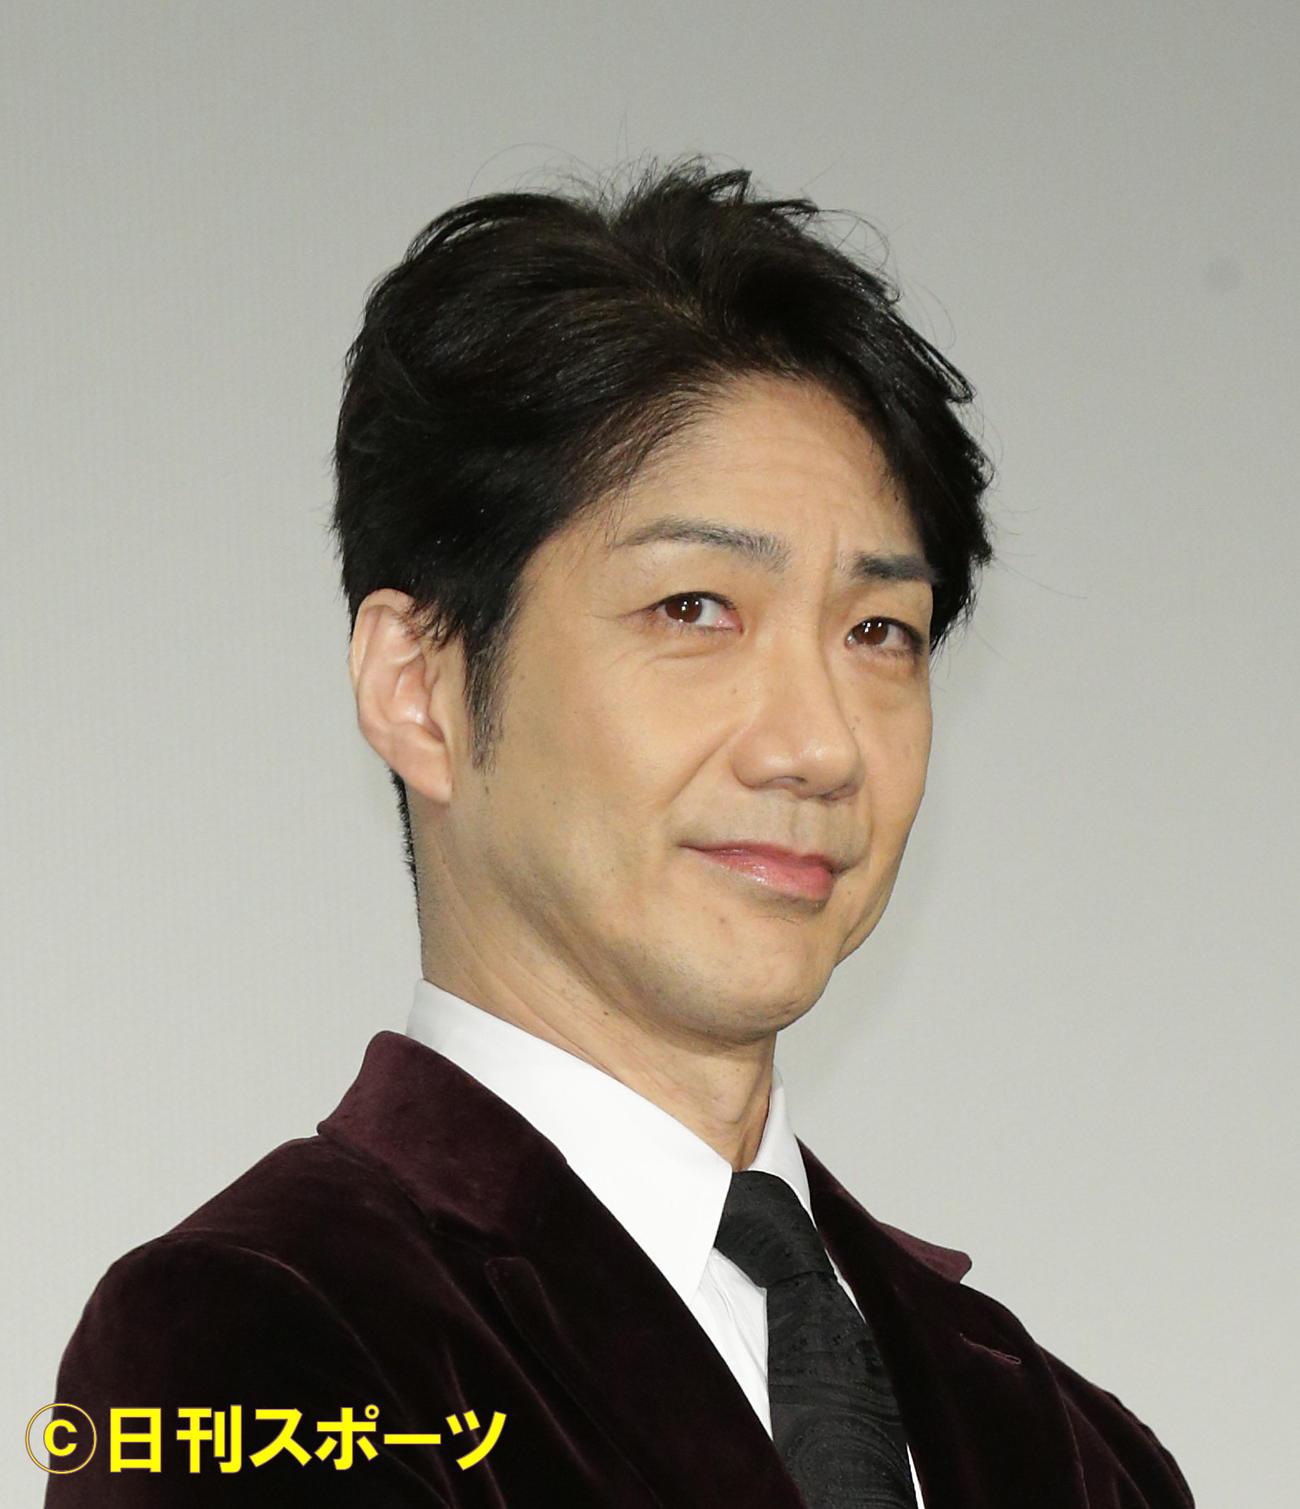 長女彩也子さんがアナウンサーでTBSに入社する狂言師の野村萬斎